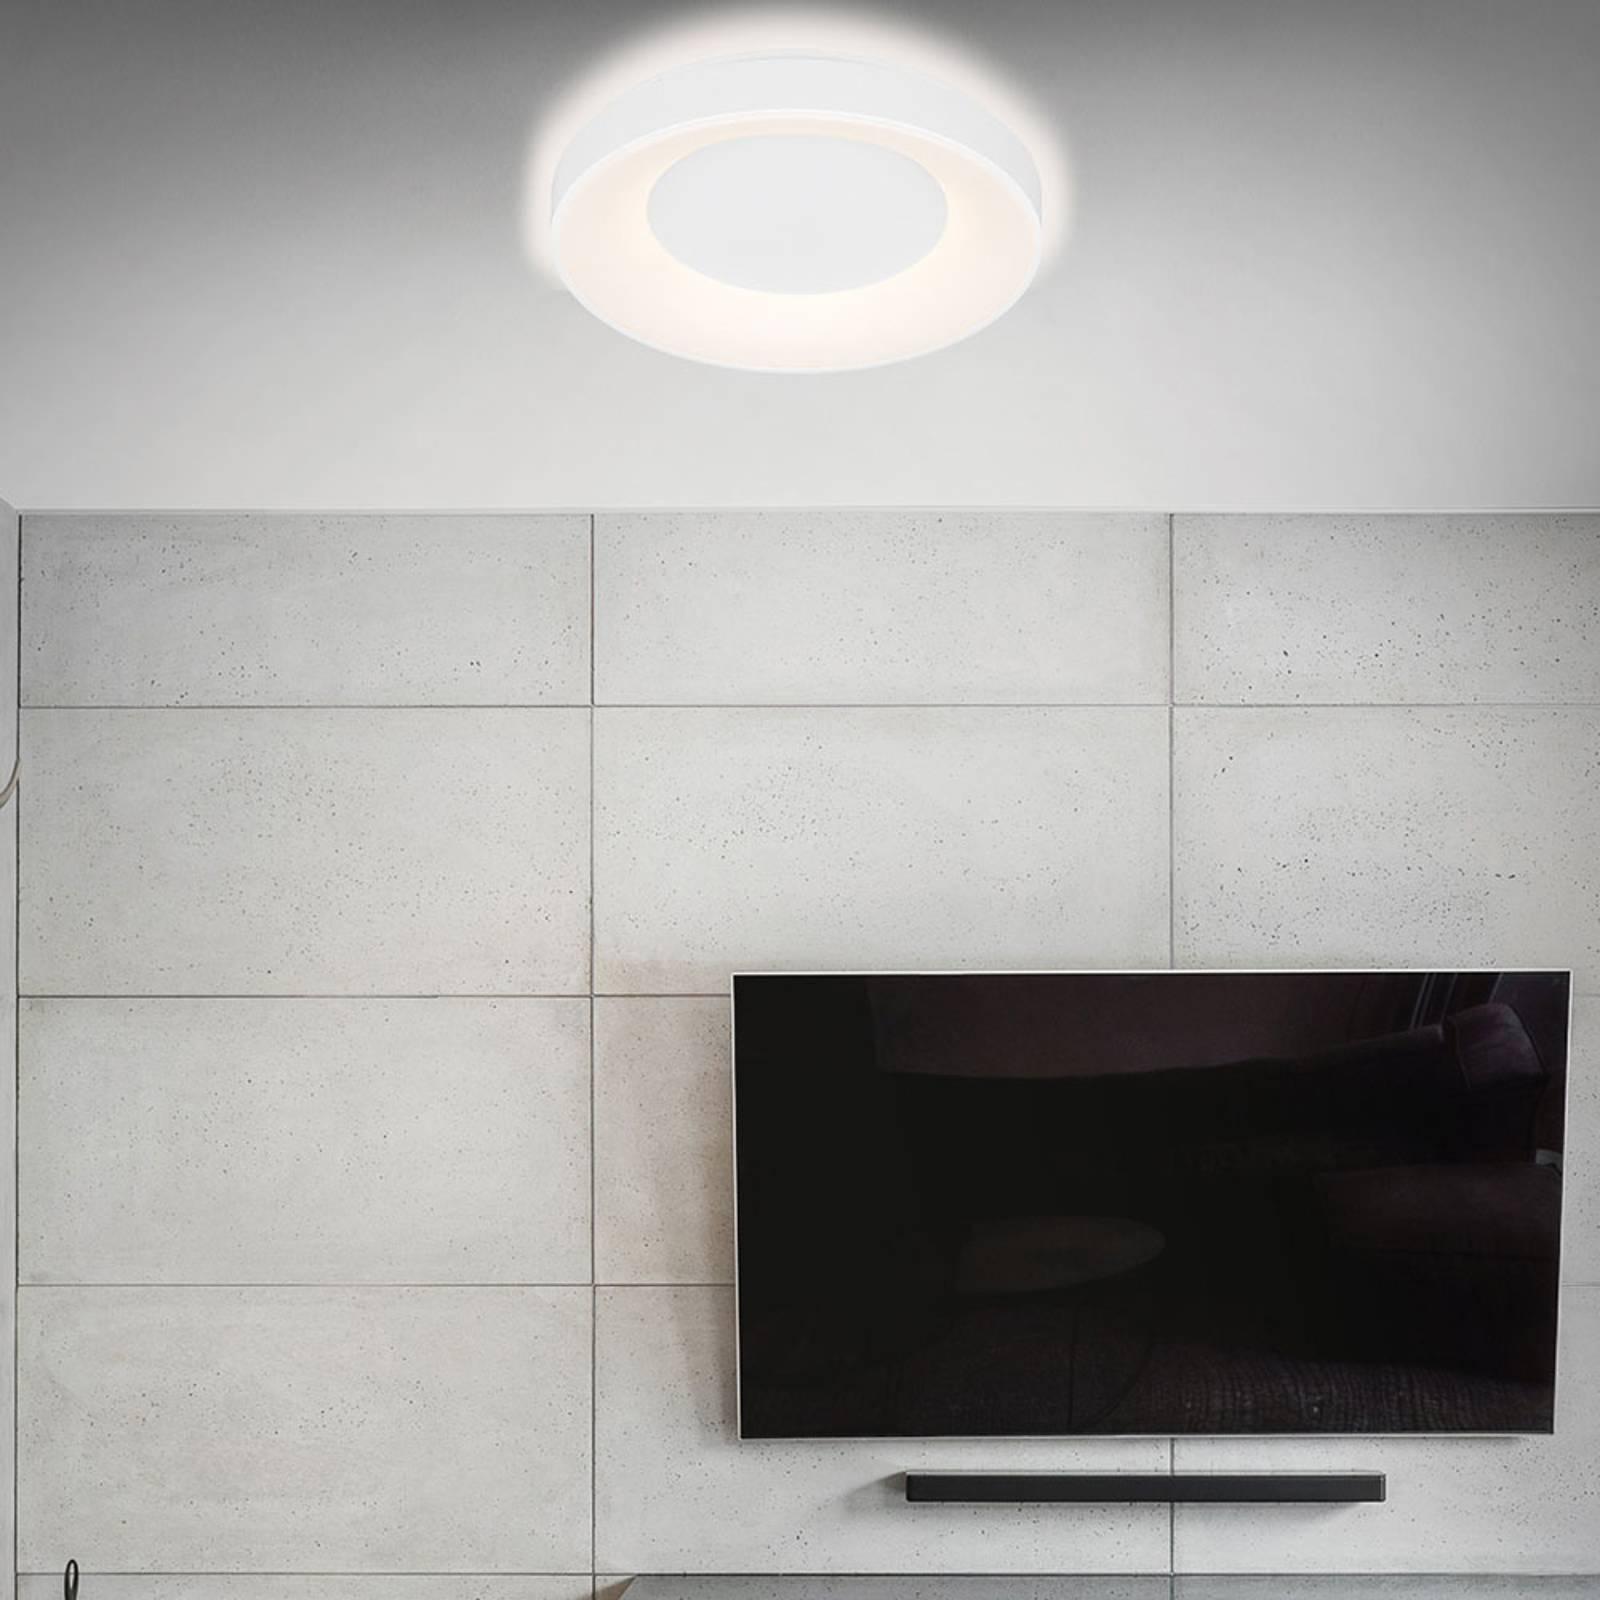 LED-kattovalaisin Rondo CCT kaukosäädin, valkoinen